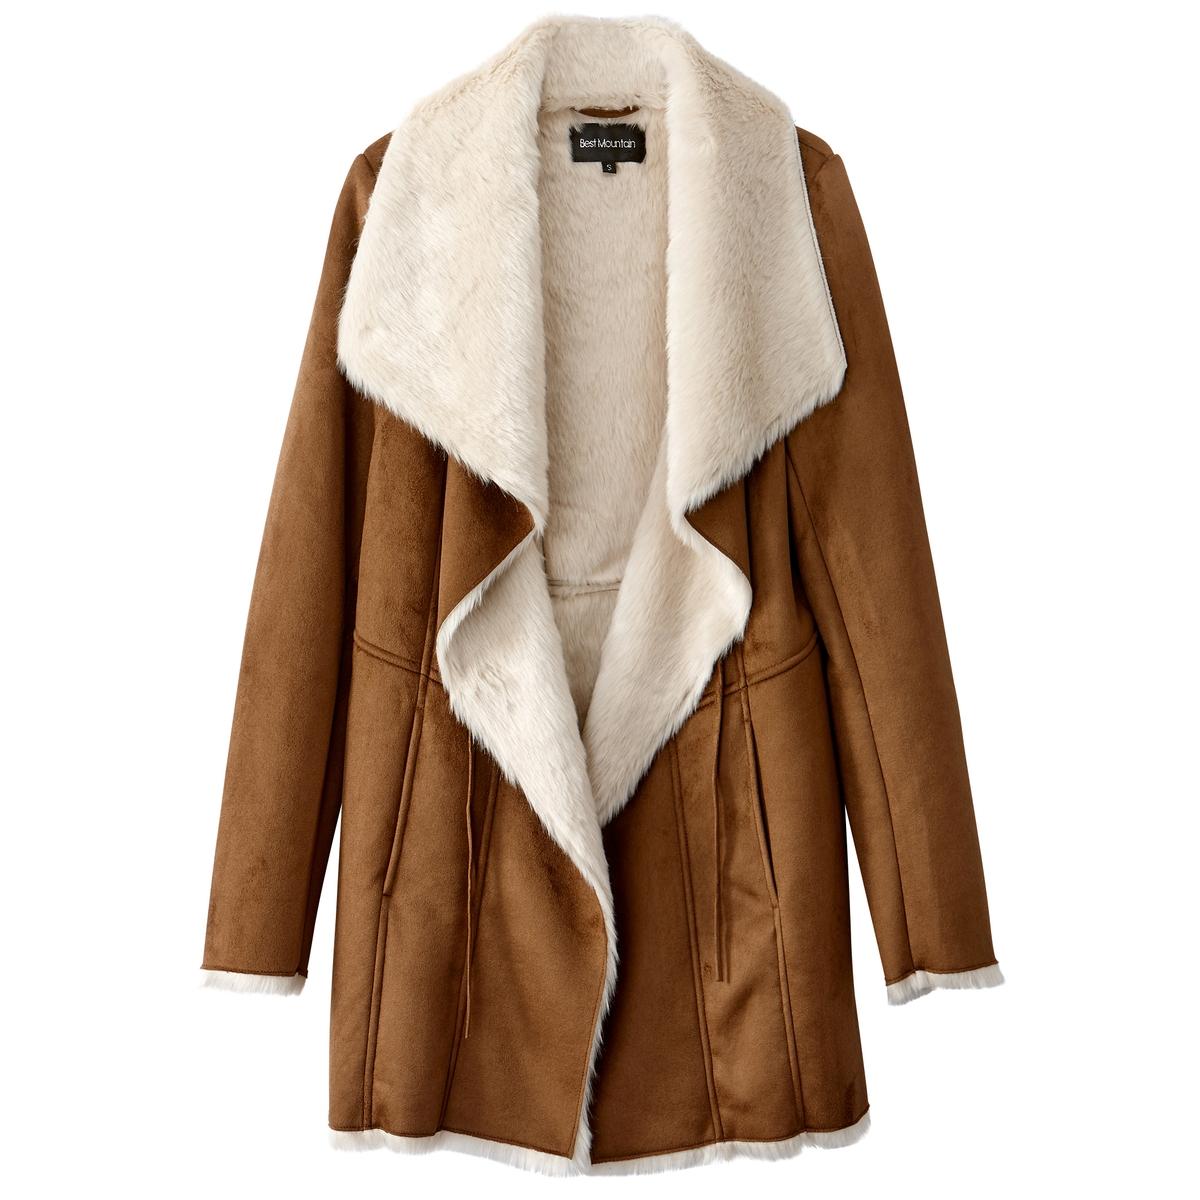 Пальто средней длины, демисезонноеДетали •  Длина  : средняя  •  Шалевый воротник • Застежка на пуговицы Состав и уход •  100% полиэстер  •  Следуйте советам по уходу, указанным на этикетке<br><br>Цвет: темно-бежевый